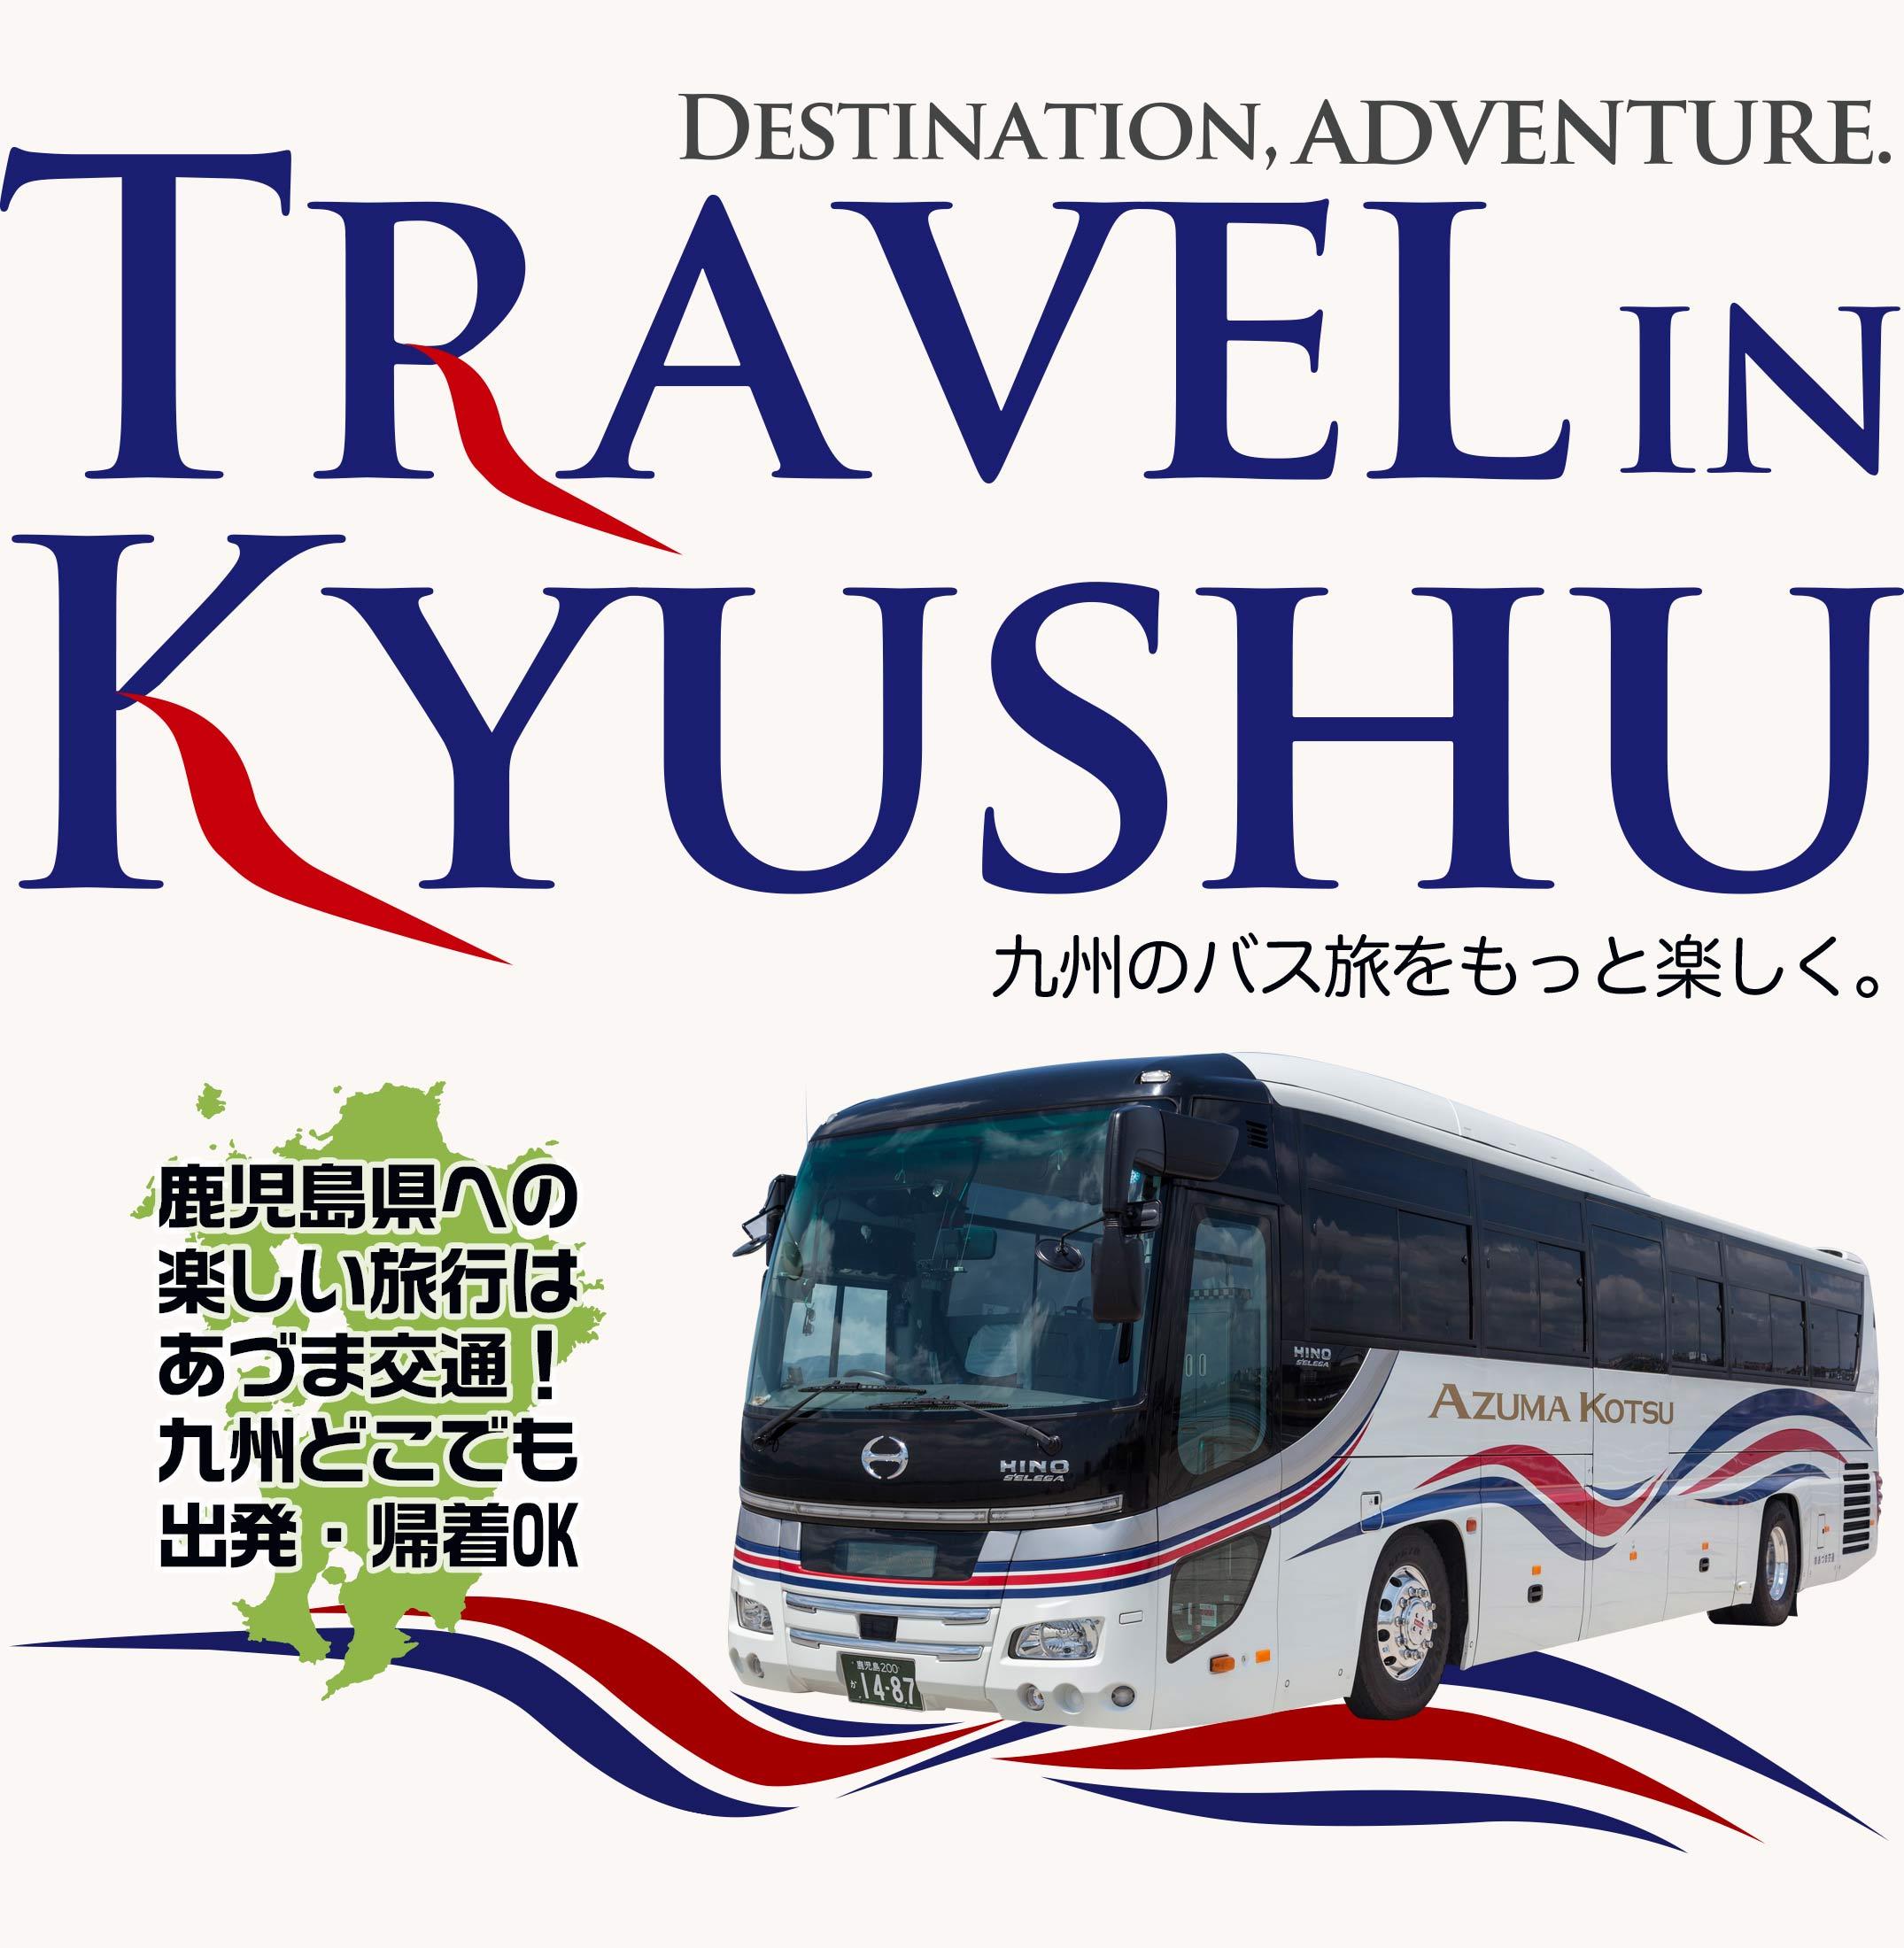 鹿児島県のバス旅行はあづま交通